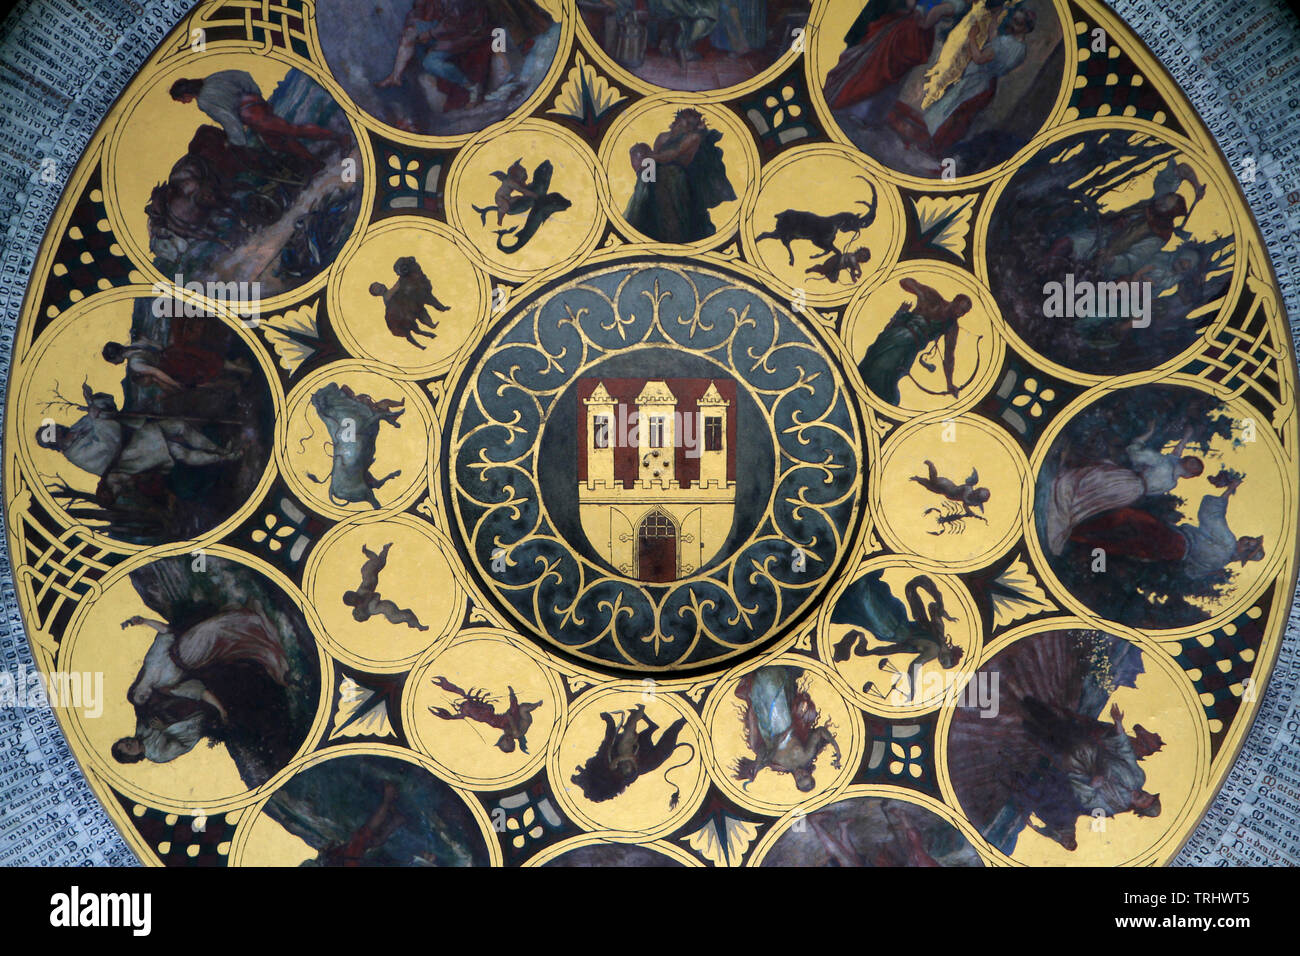 Le Calendrier du peintre Joseph Manes. La Tour de l'Horloge. Prague. Czech Republic. - Stock Image